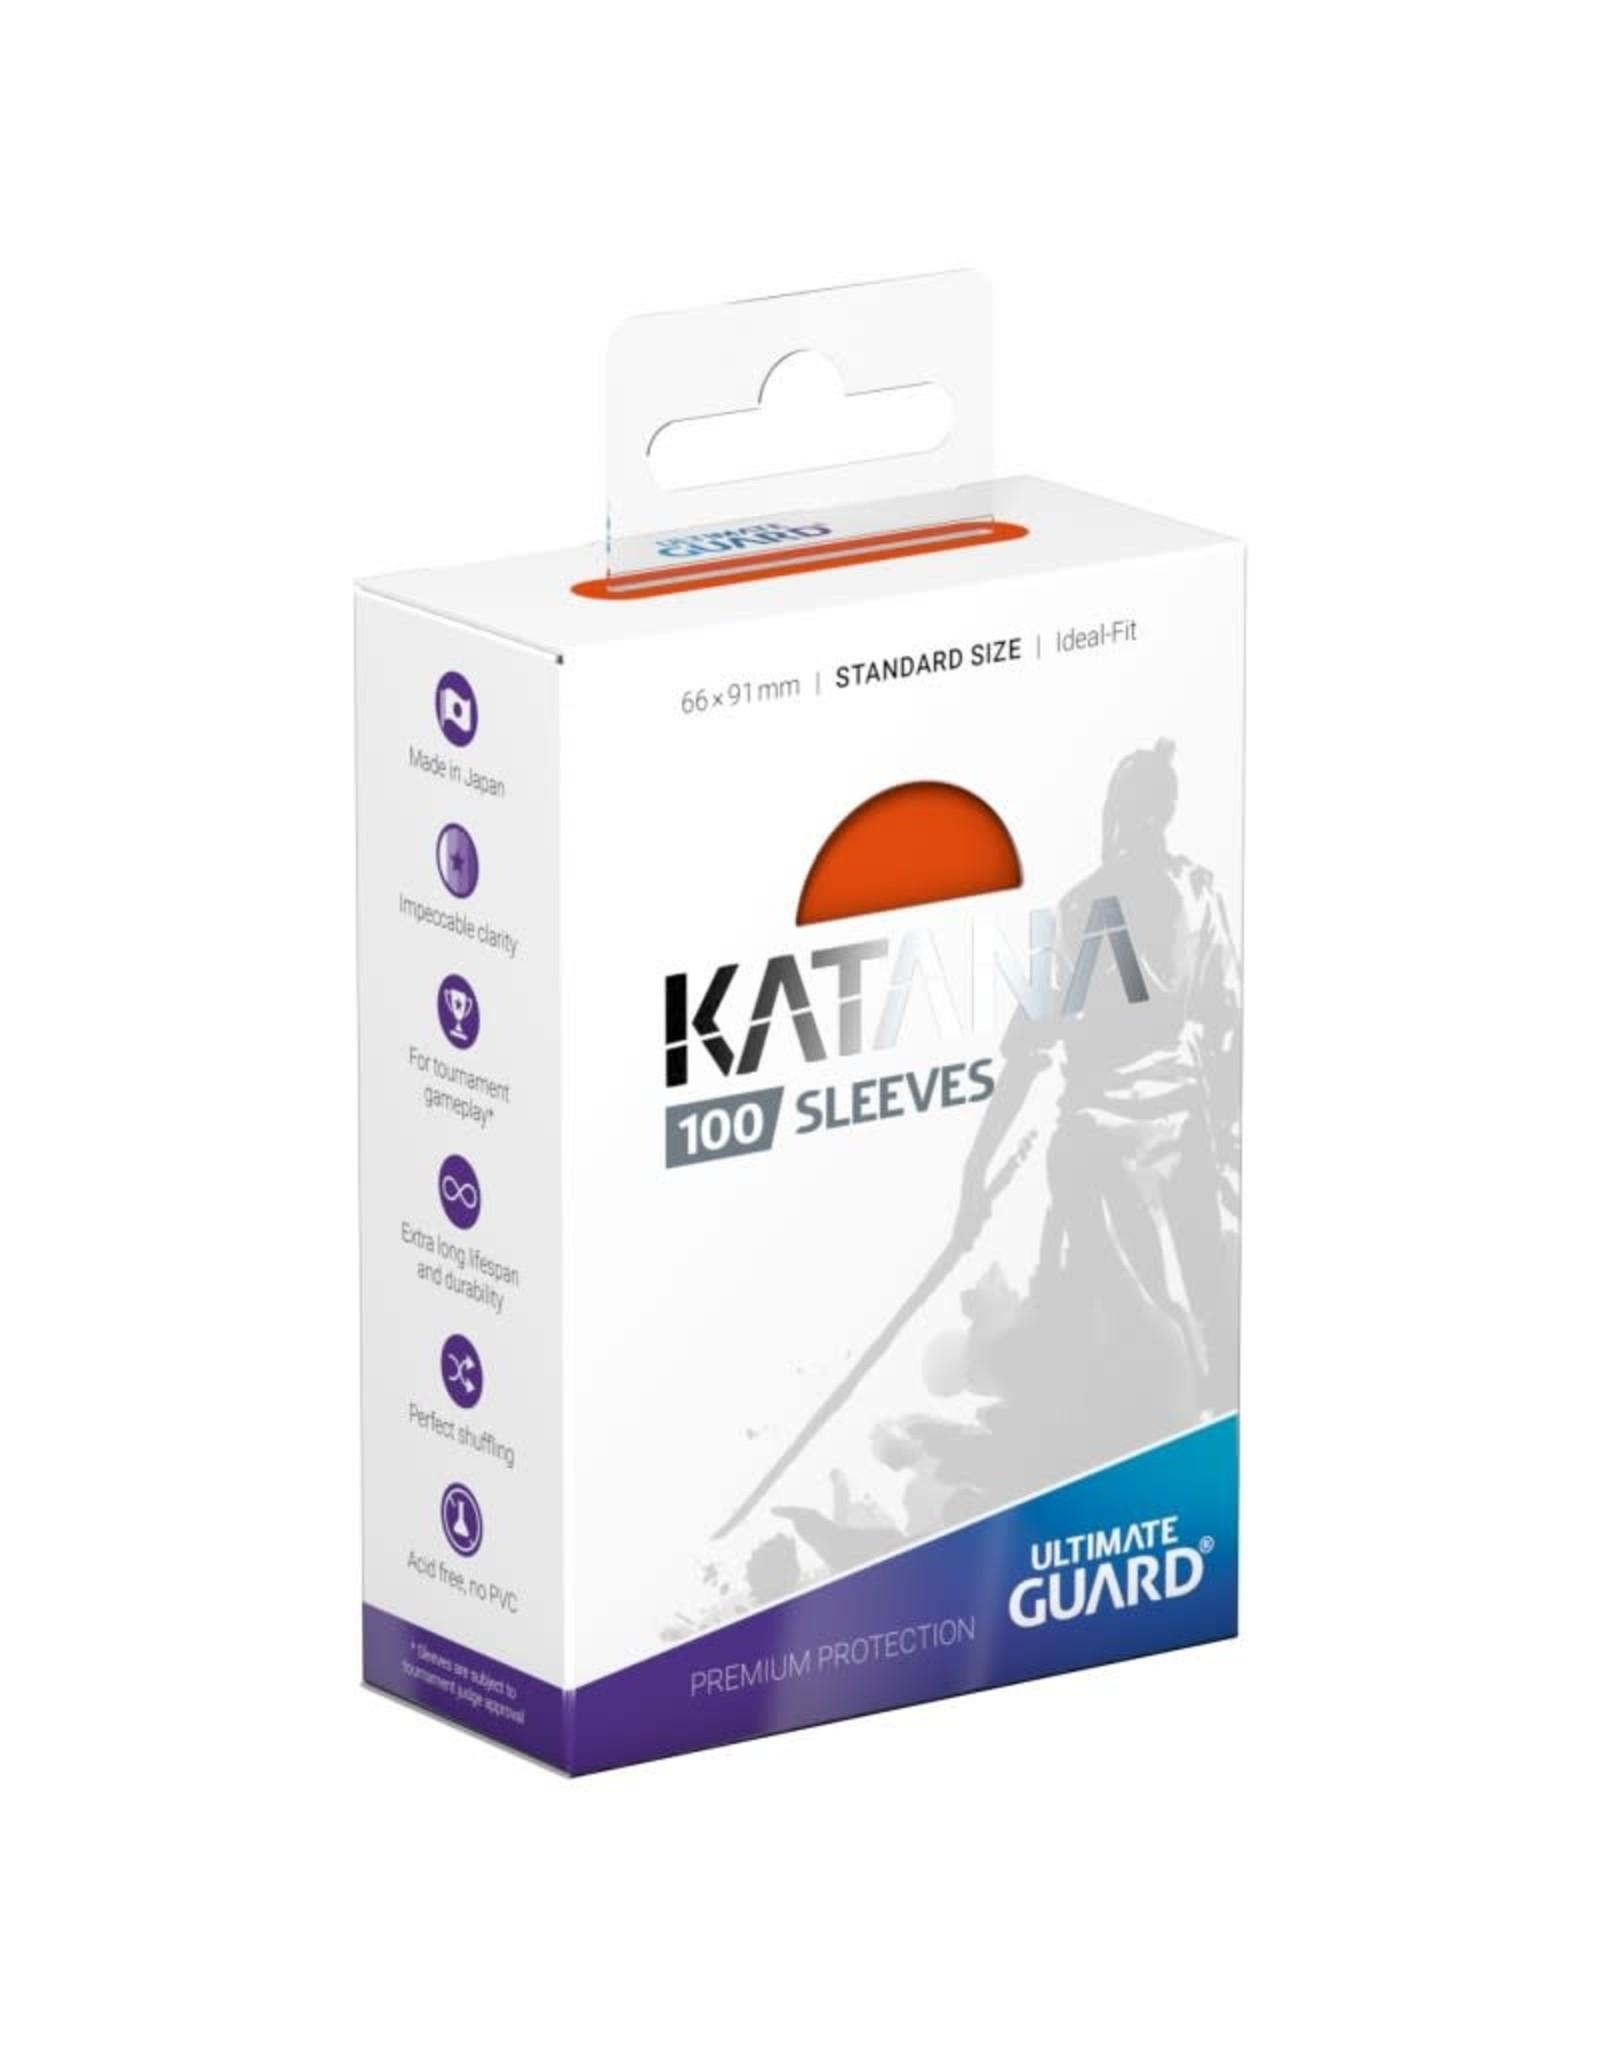 Ultimate Guard Katana Sleeves Standard Orange (100)